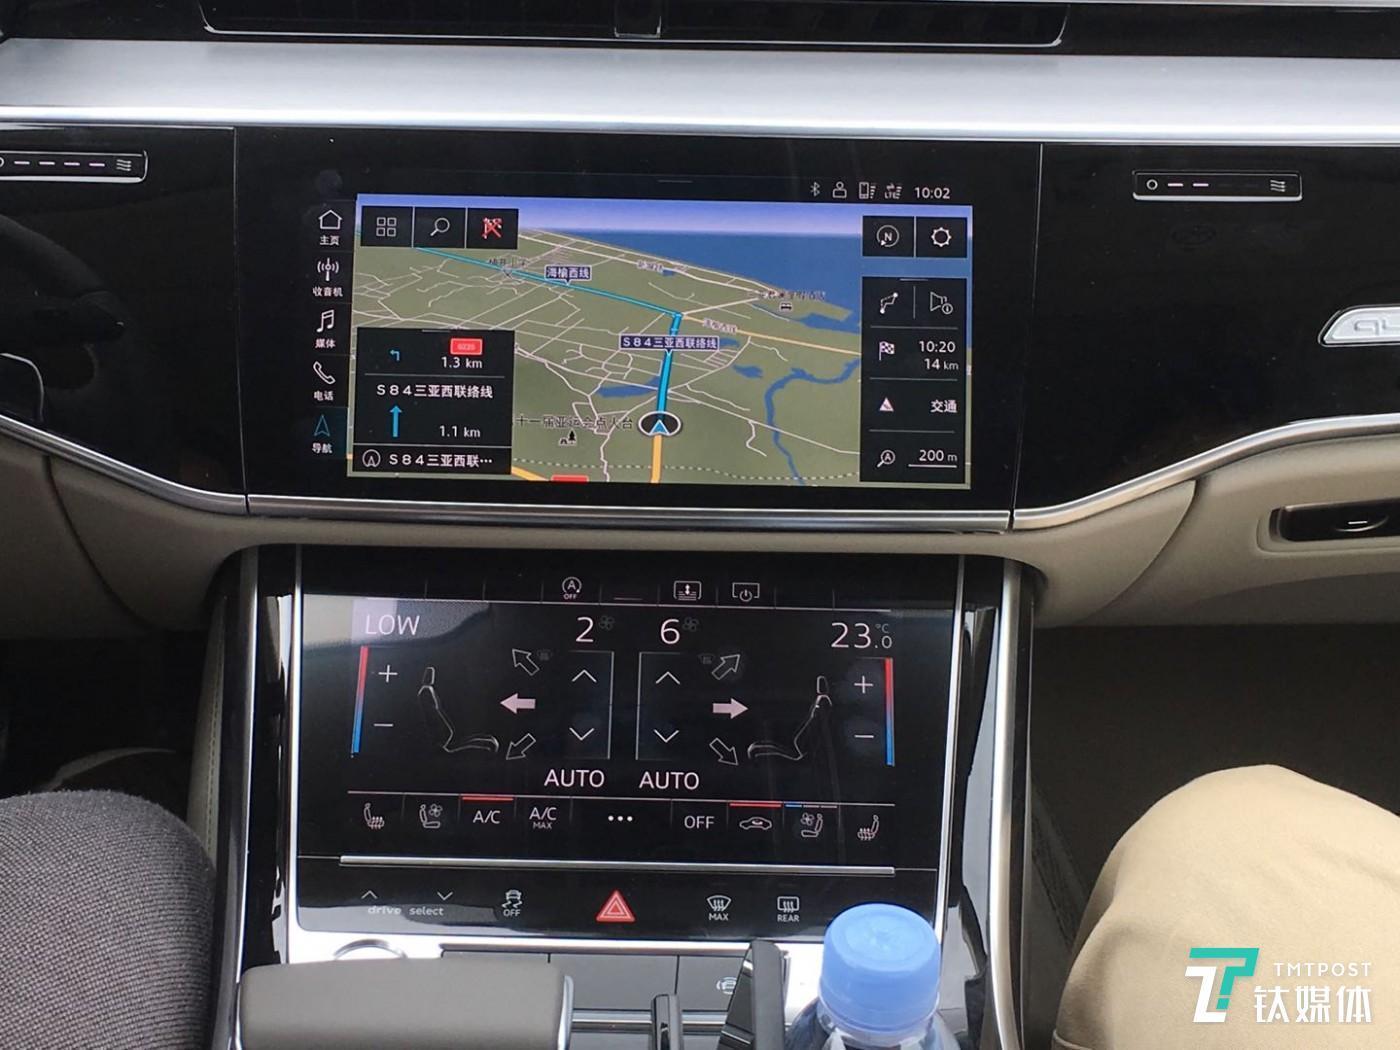 中控台上的上下两块屏幕,上方屏幕搭载了奥迪的MMI车载系统